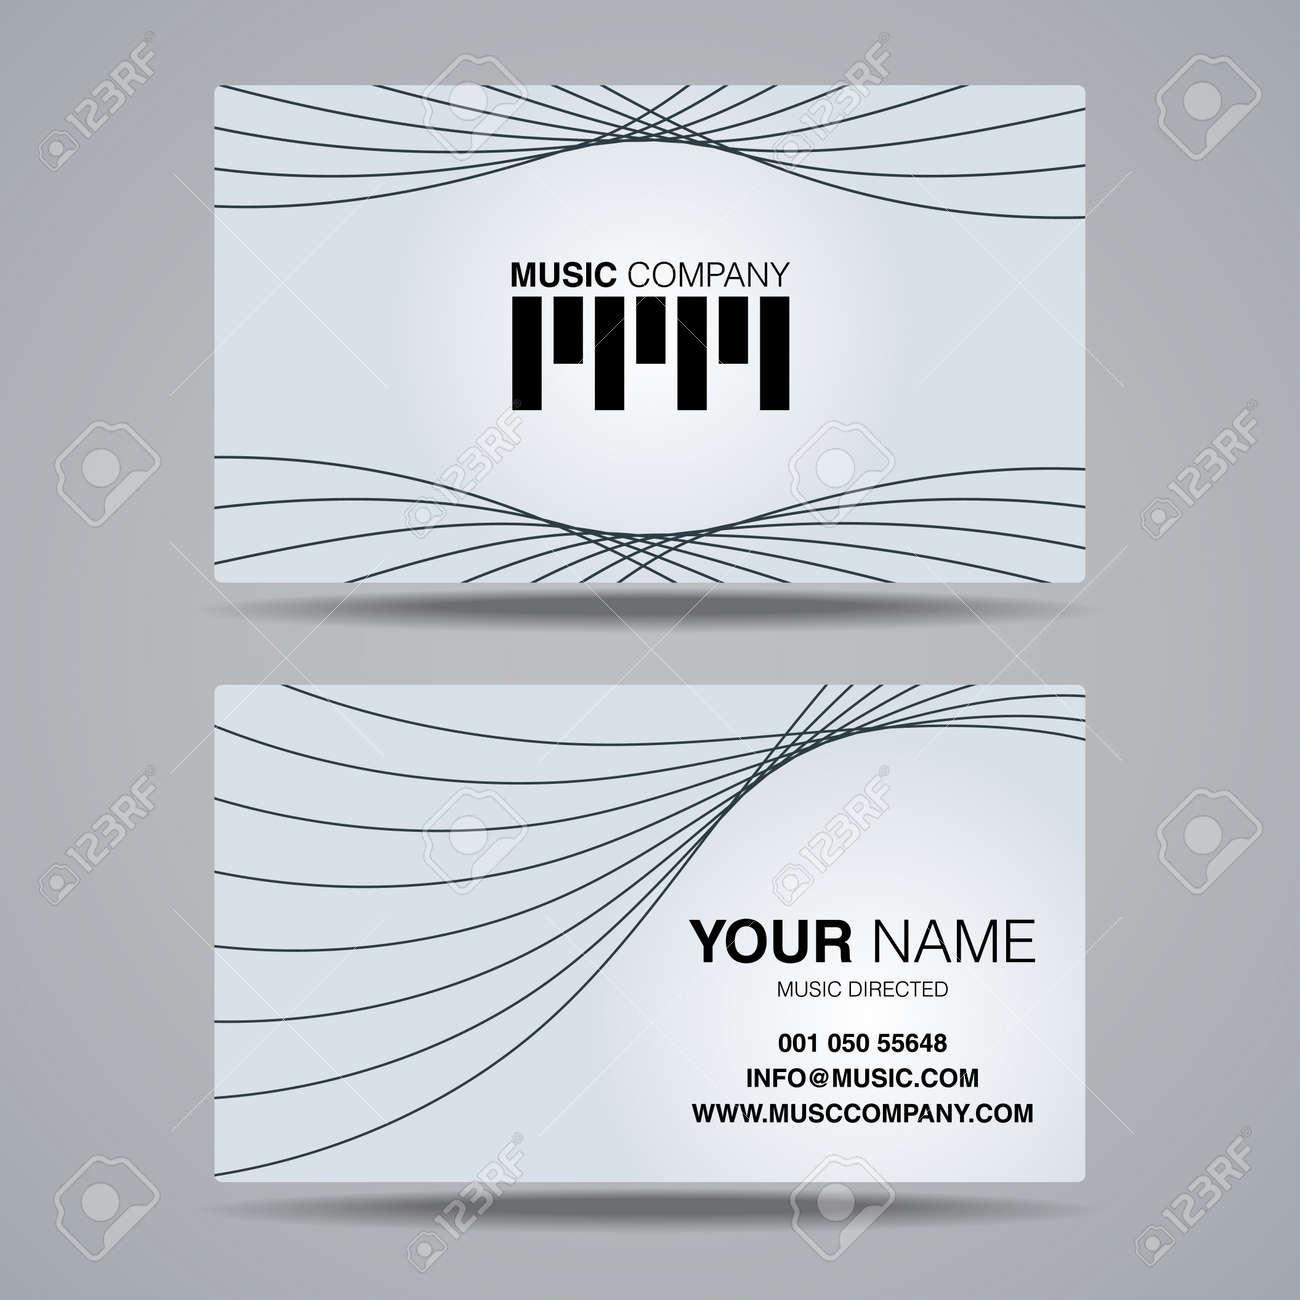 Musique Socit Modle Nom De La Carte Le Nom De Carte De Visite De